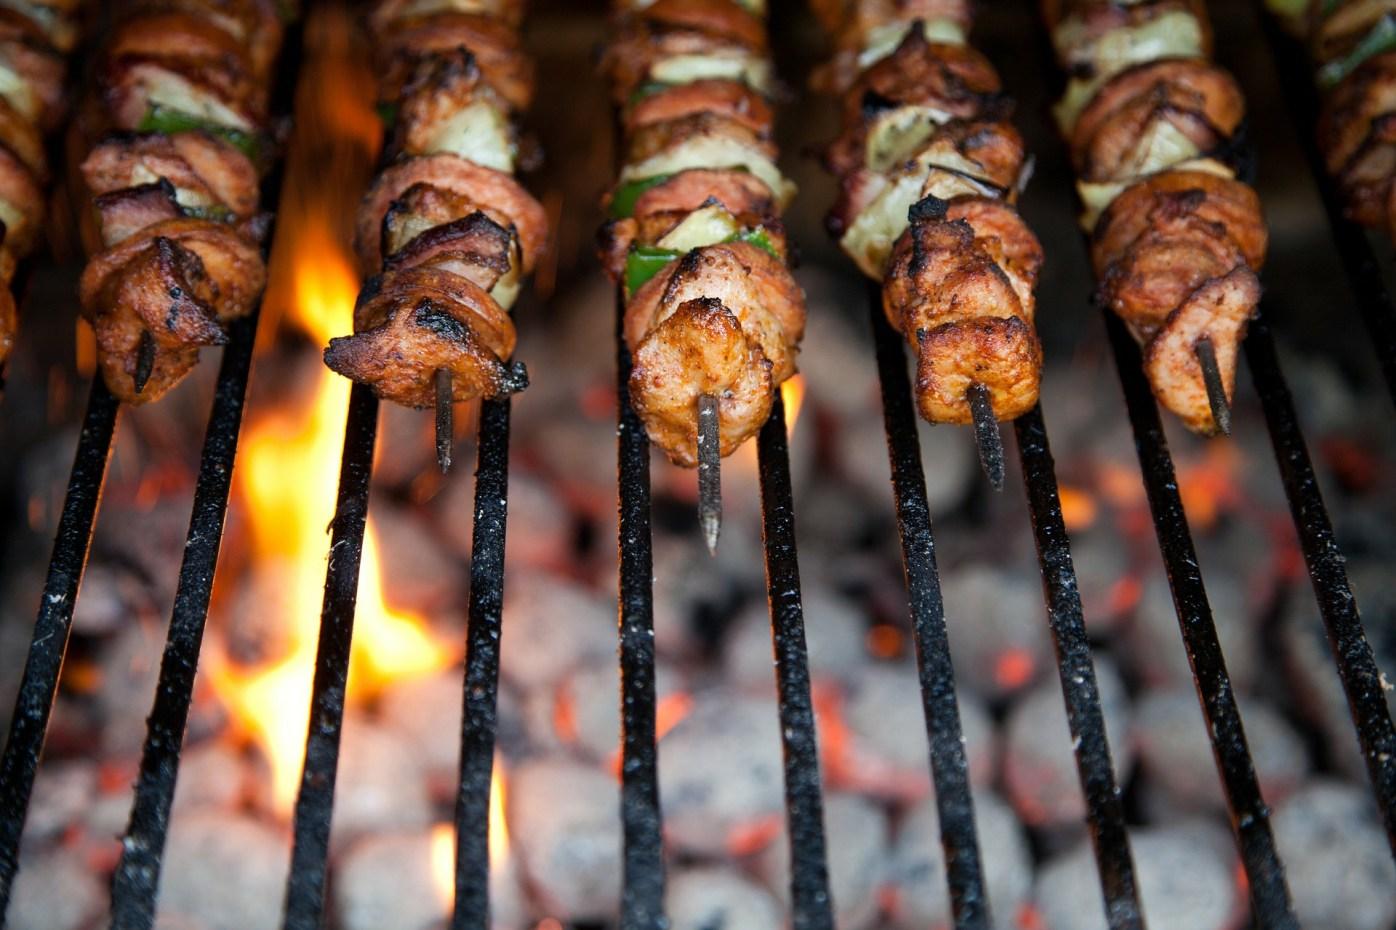 3 adresses pour manger ivoirien pendant les jeux de la francophonie, serialfoodie, francophonie 2017, food, foodie, blog, restaurant, cote d'ivoire